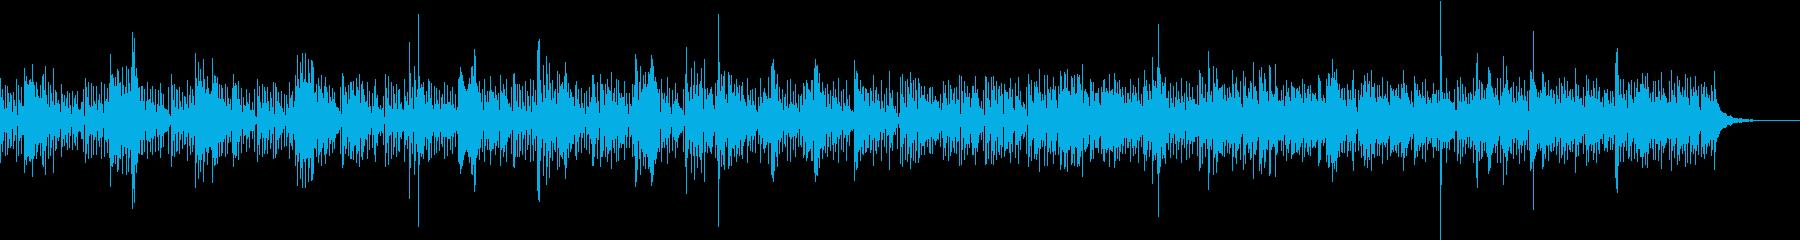 ビーチに似合うウクレレ生演奏の再生済みの波形